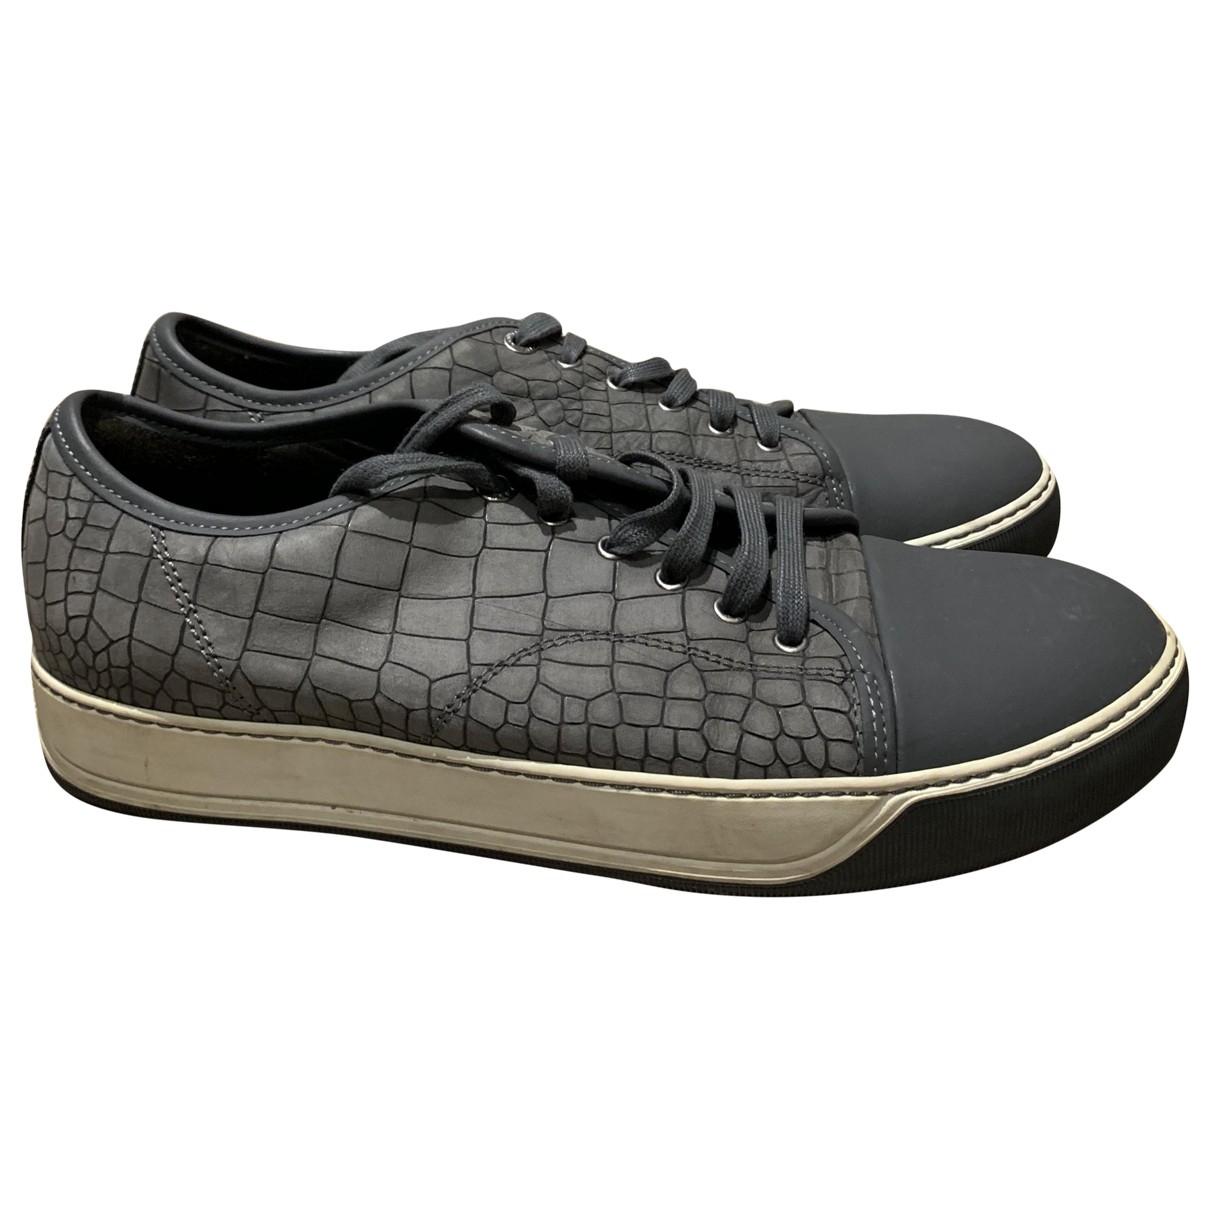 Lanvin \N Sneakers in  Grau Leder